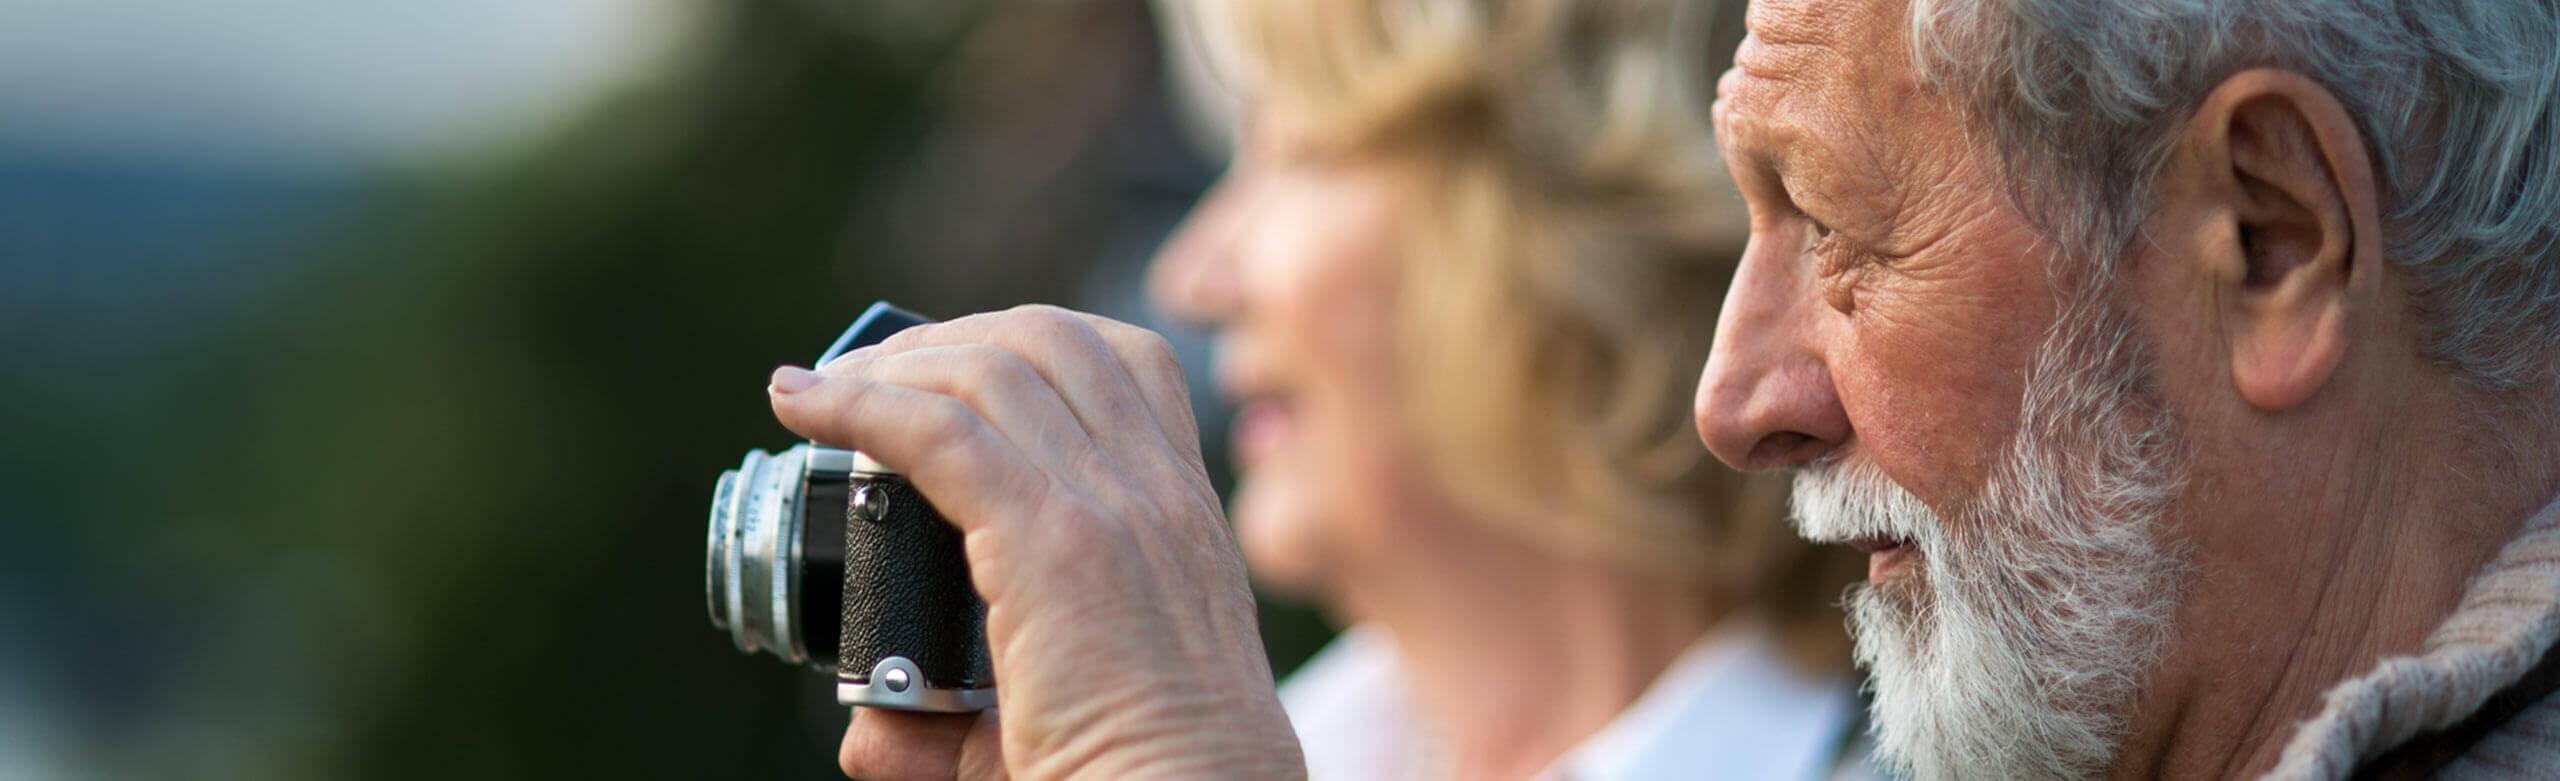 Un uomo tiene in mano una macchina fotografica